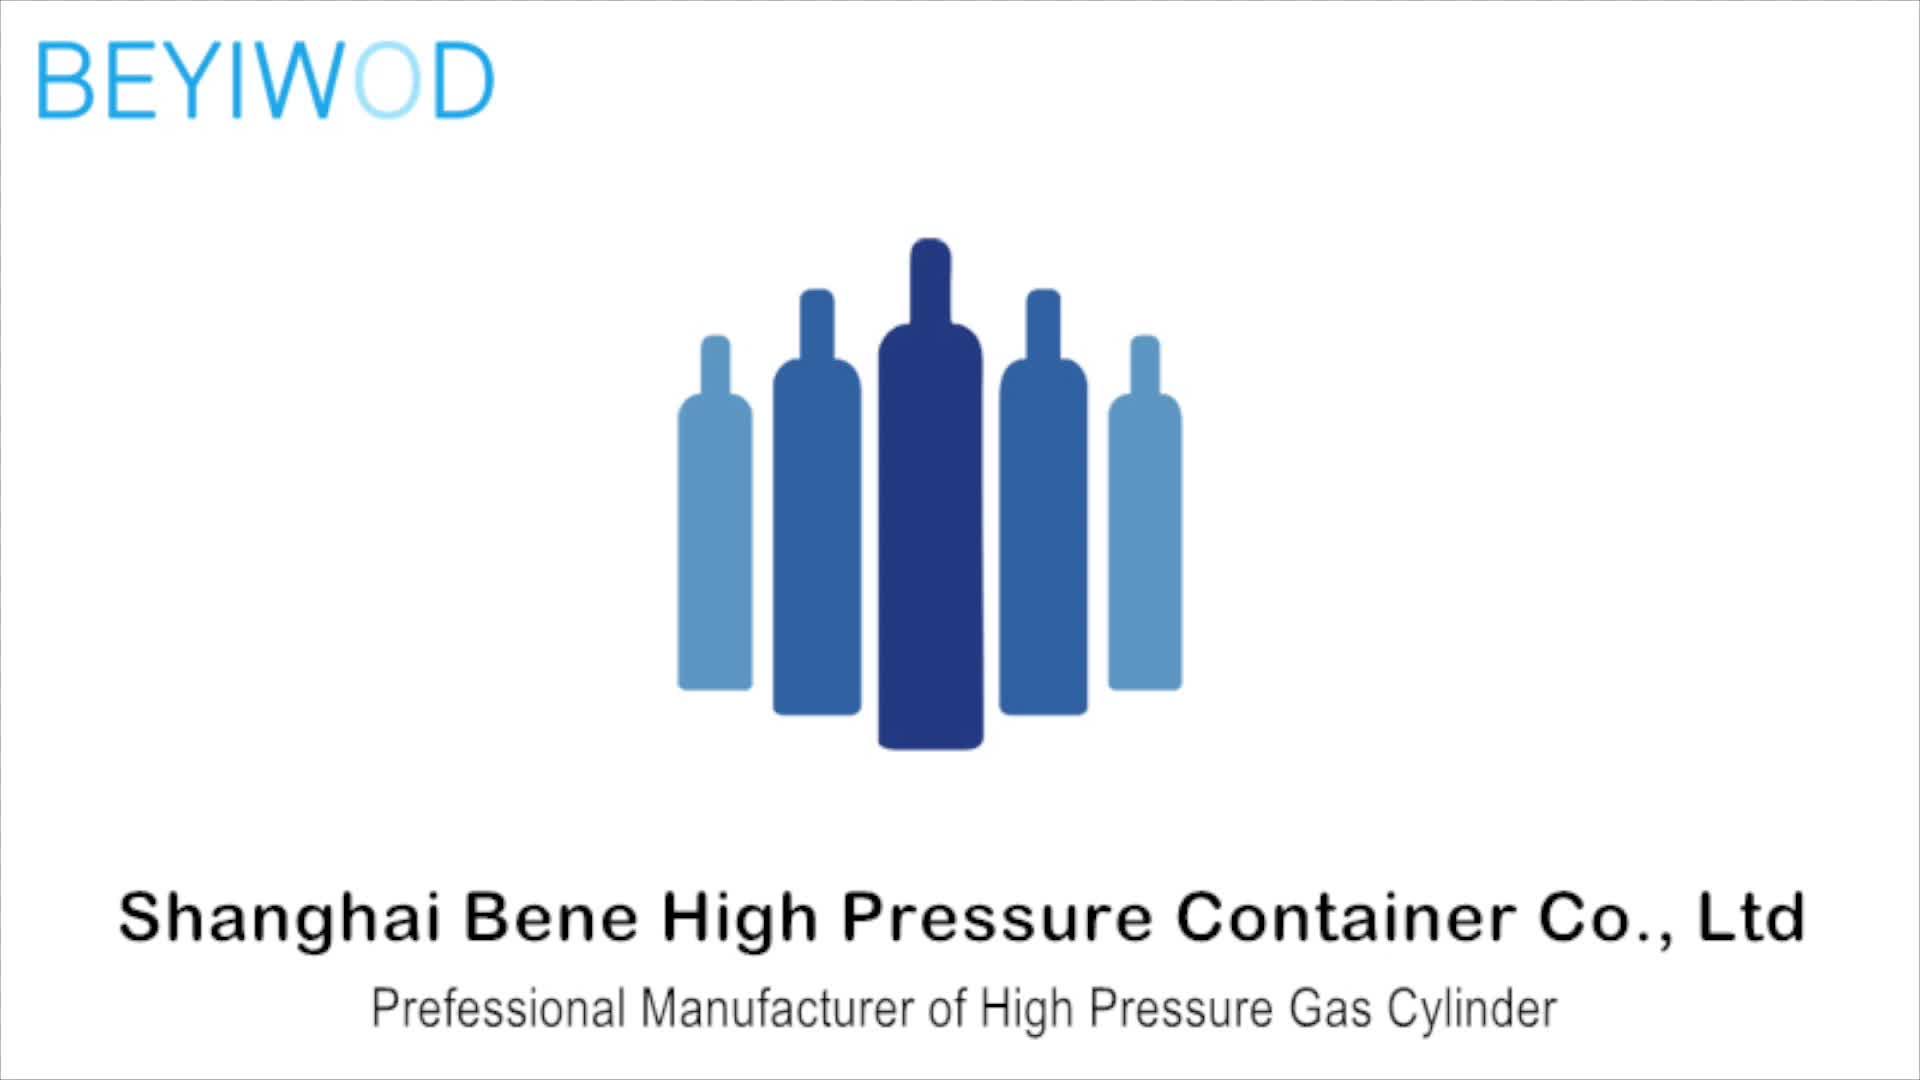 Ehbo-kit/ambulance/outdoor Emergency gebruik 4L Staal zuurstof cilinder met draagbare case en accessariess